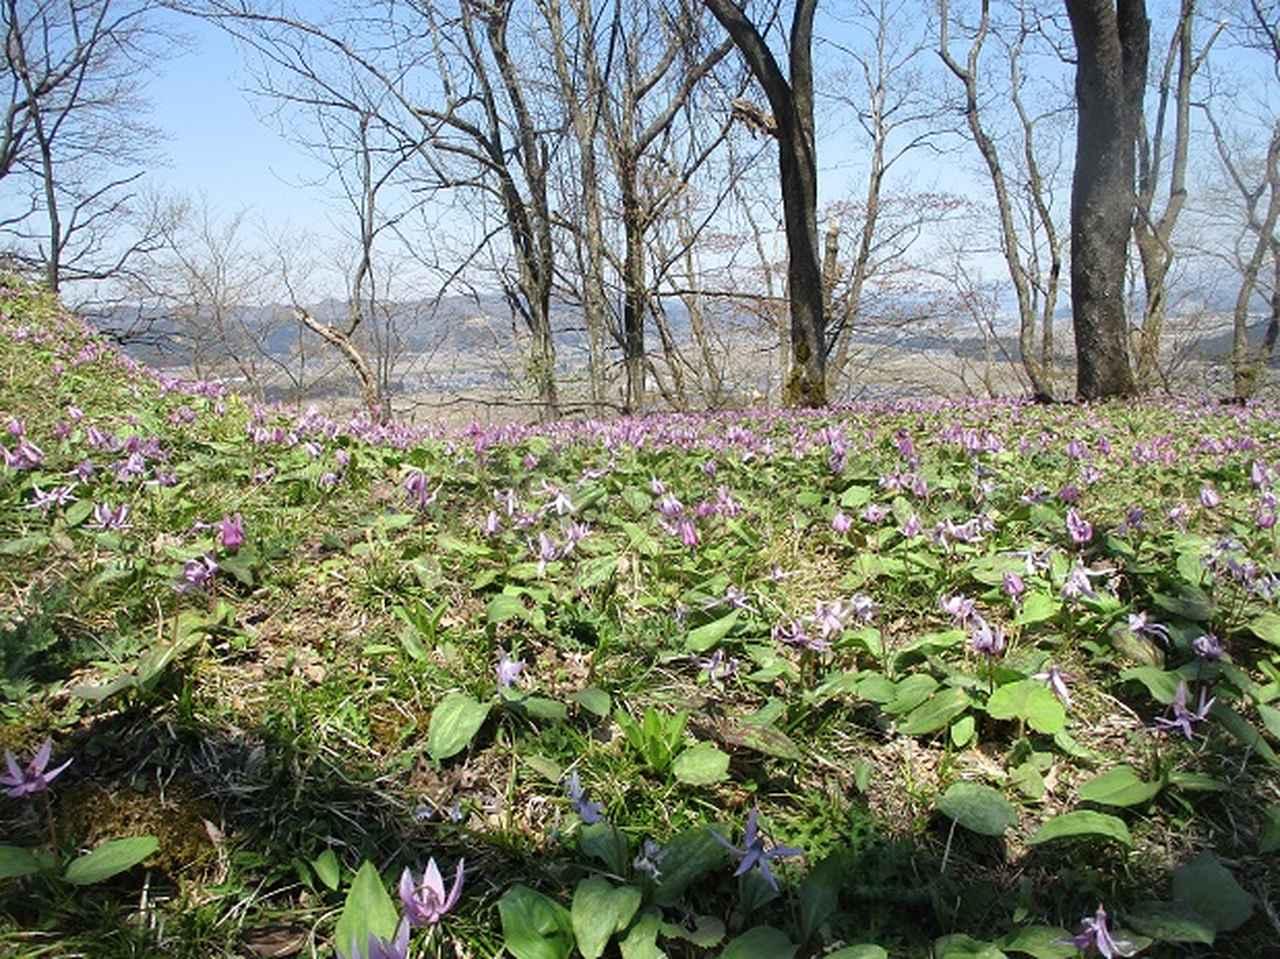 画像10: 4月15日に岡田ガイドとカタクリ咲く 六万騎山 へ行って来ました♪